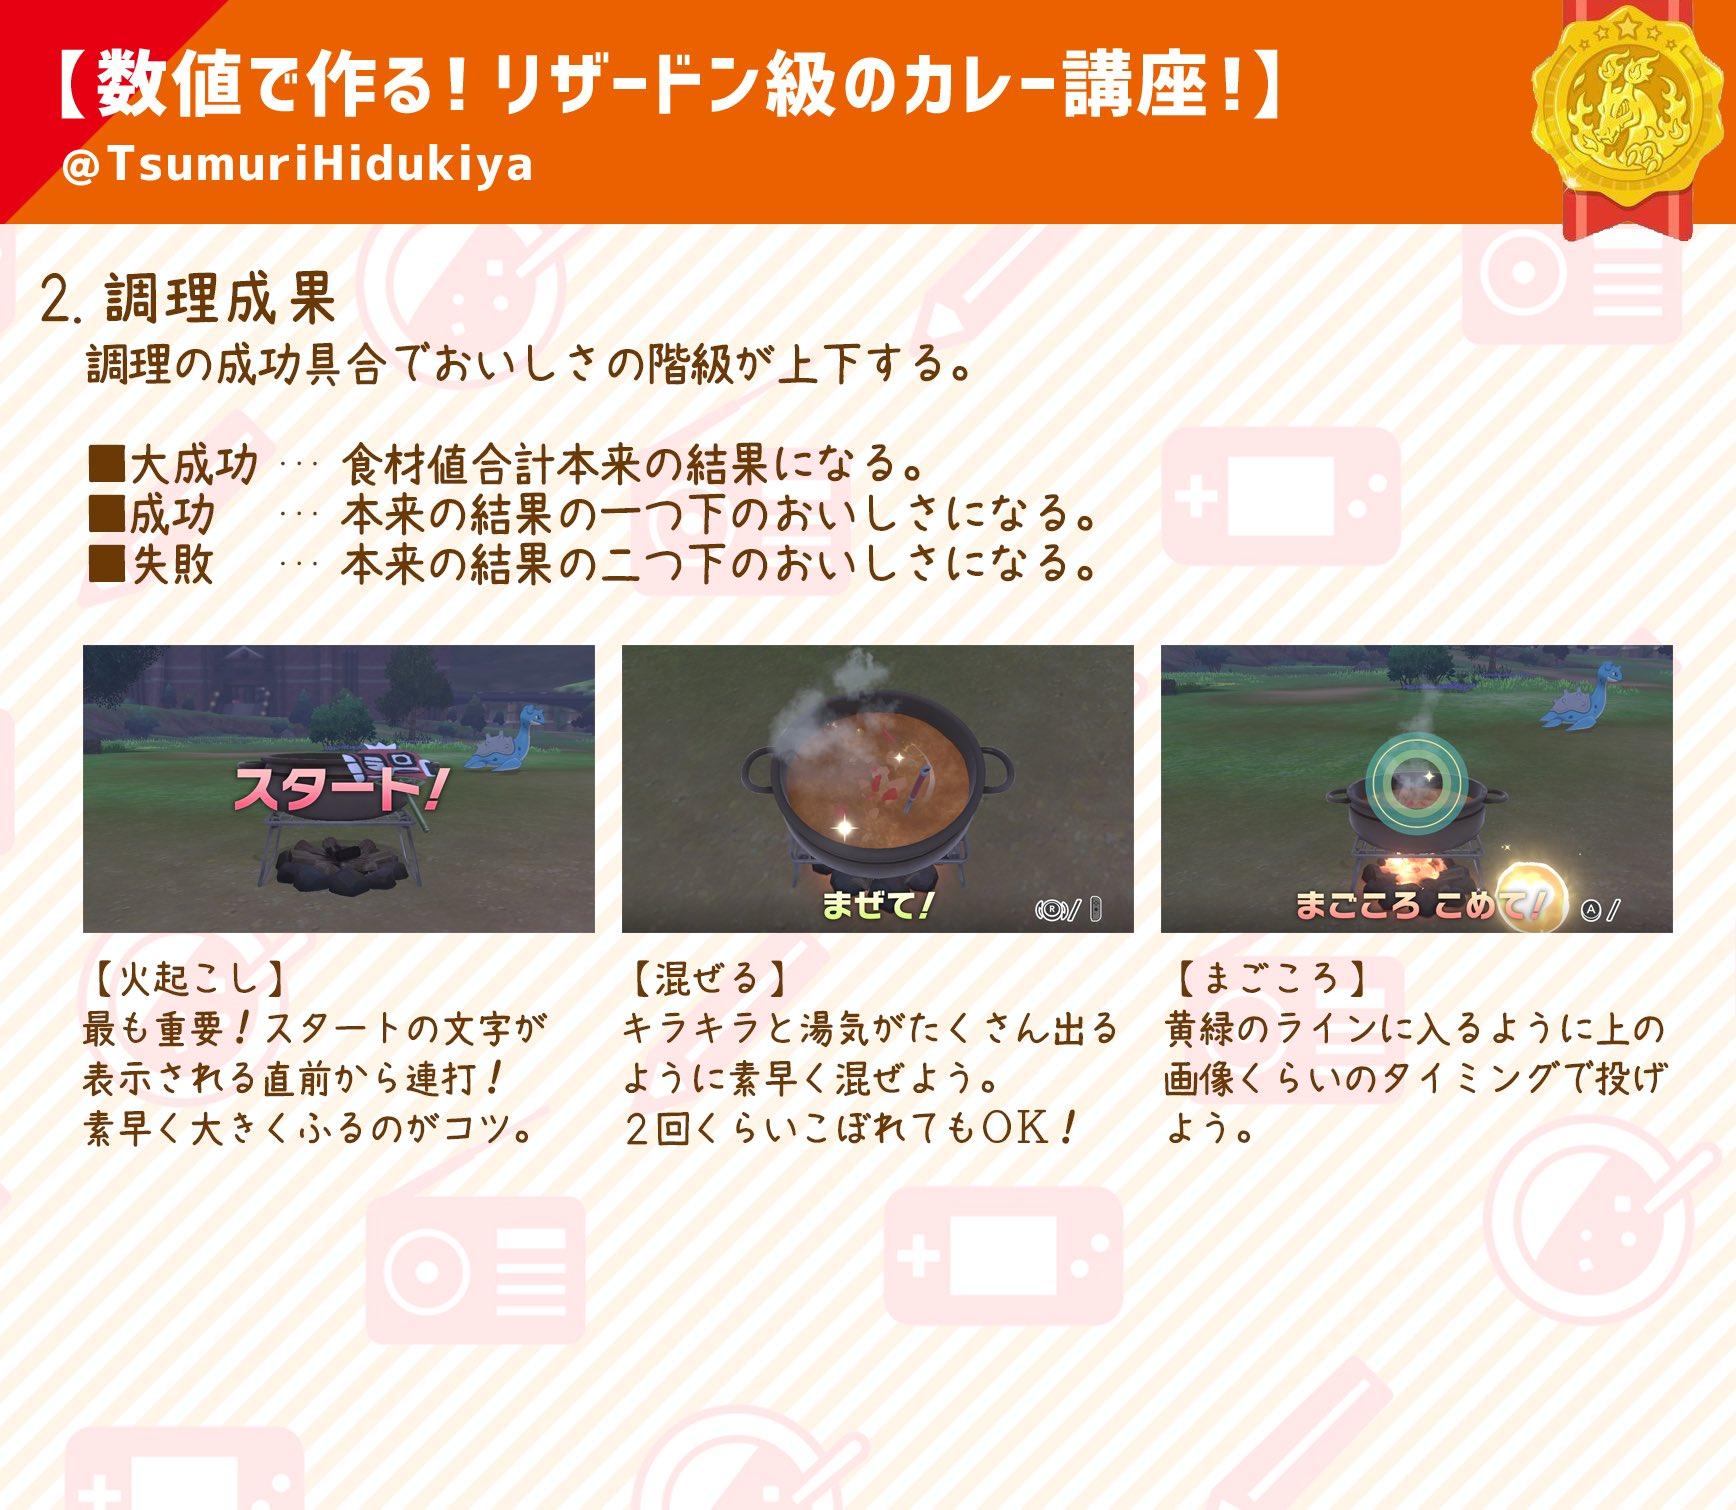 カレー 材料 ポケモン剣盾